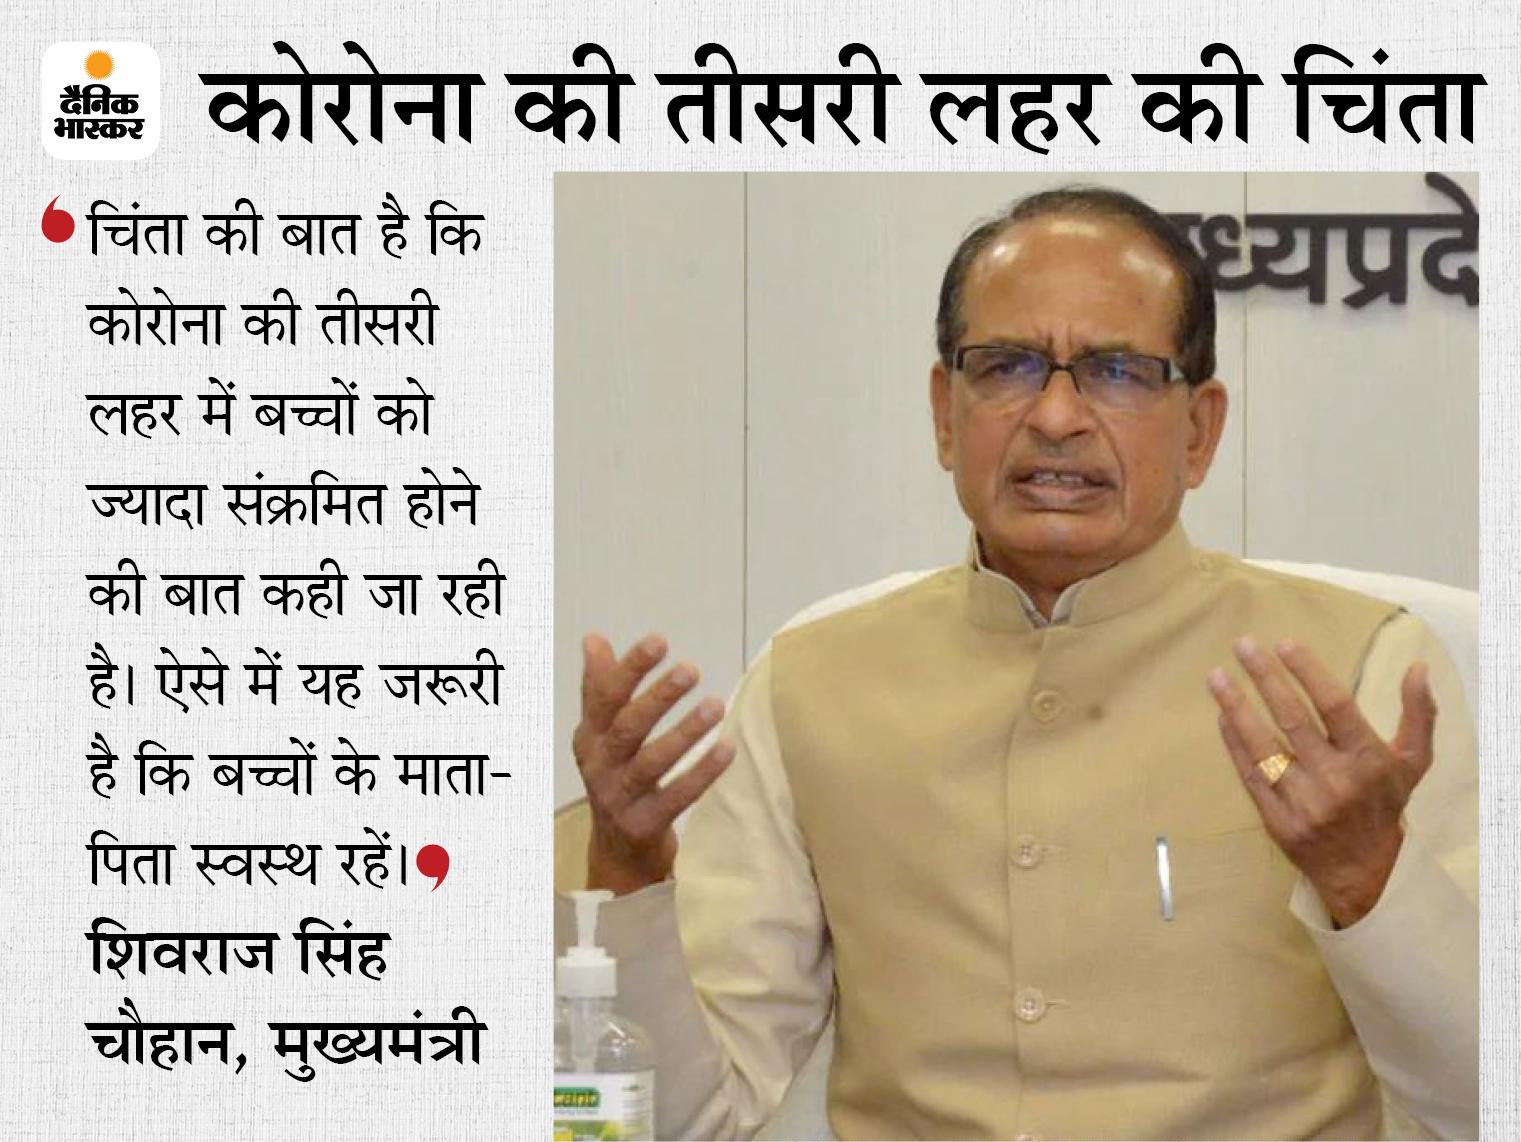 तीसरी लहर की आशंका बढ़ी; CM शिवराज ने कहा- जिनके बच्चे 12 साल से कम उम्र के, उन्हें पहले लगाएंगे टीका, गाइडलाइन जल्द|मध्य प्रदेश,Madhya Pradesh - Dainik Bhaskar